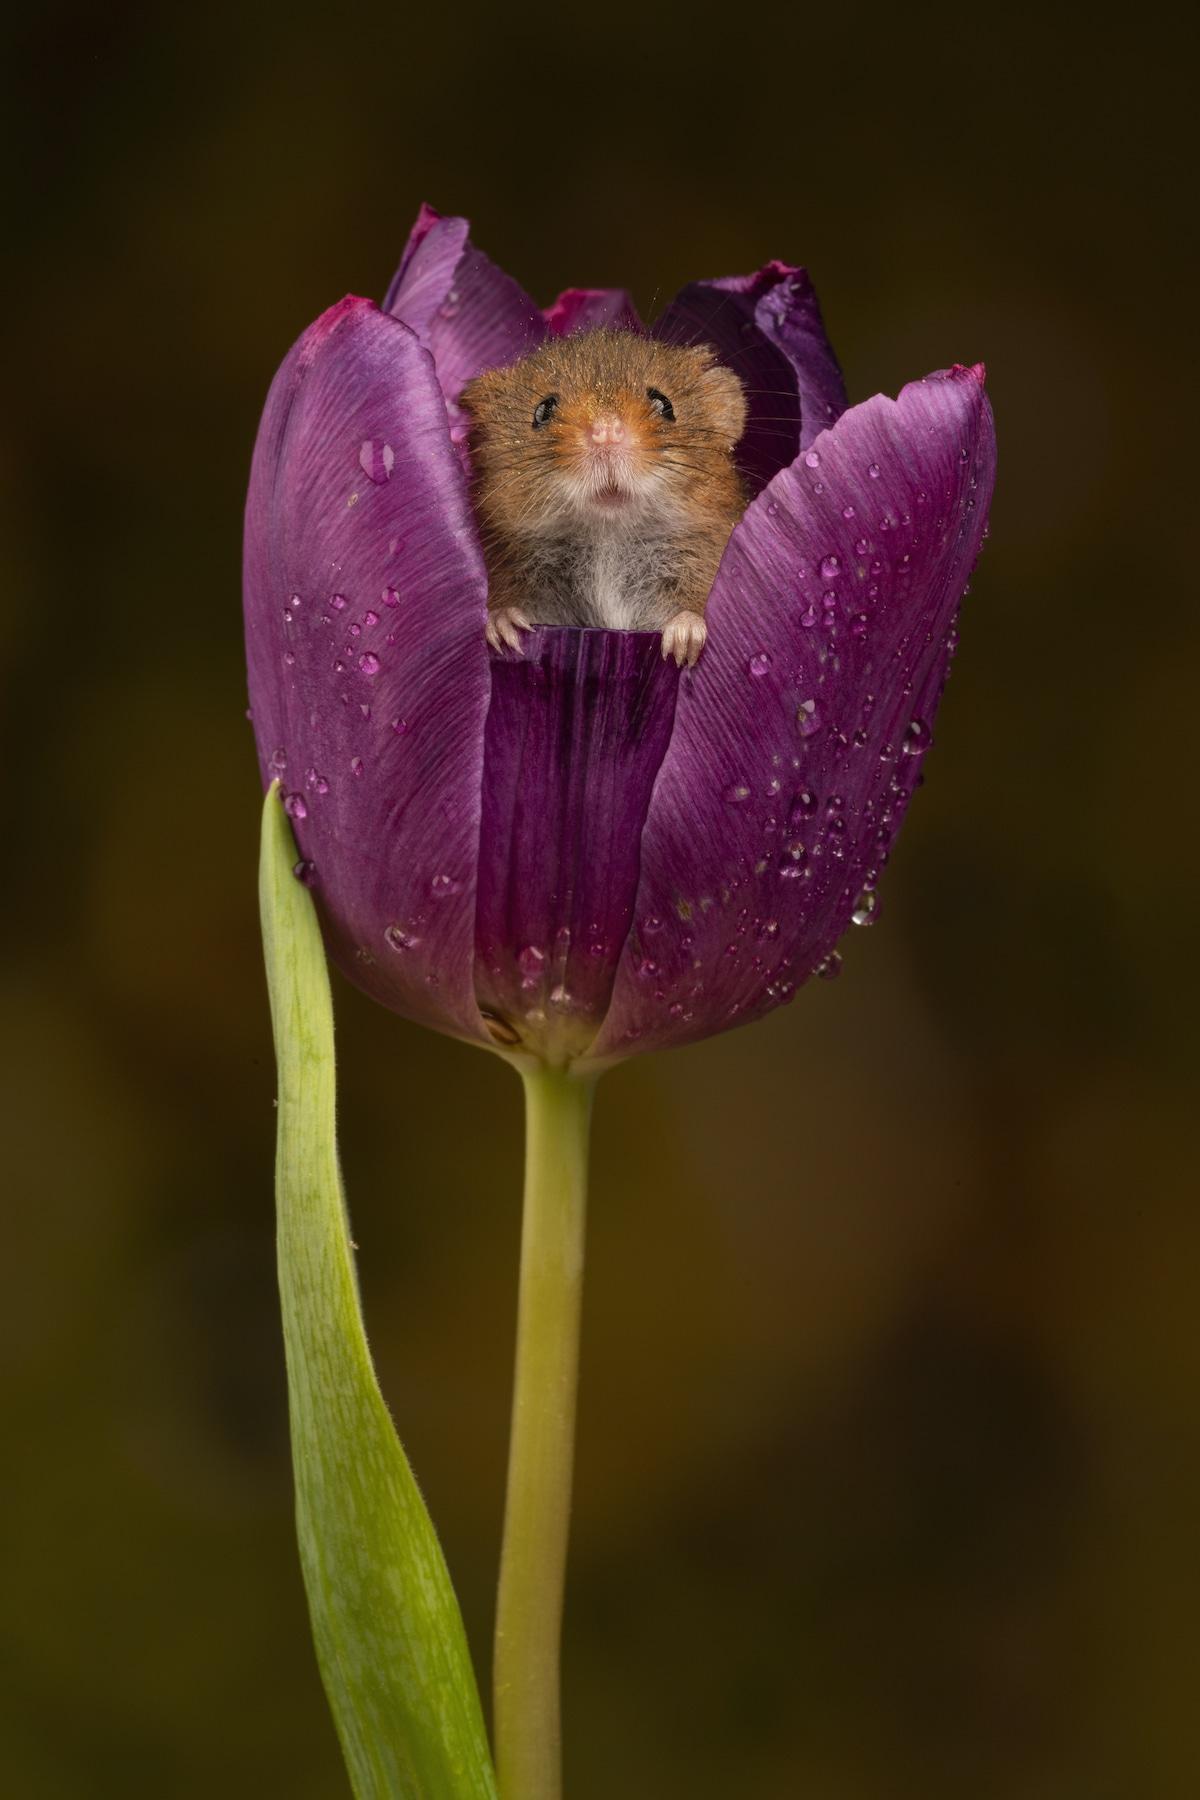 Cute Mouse Inside a Purple Tulip